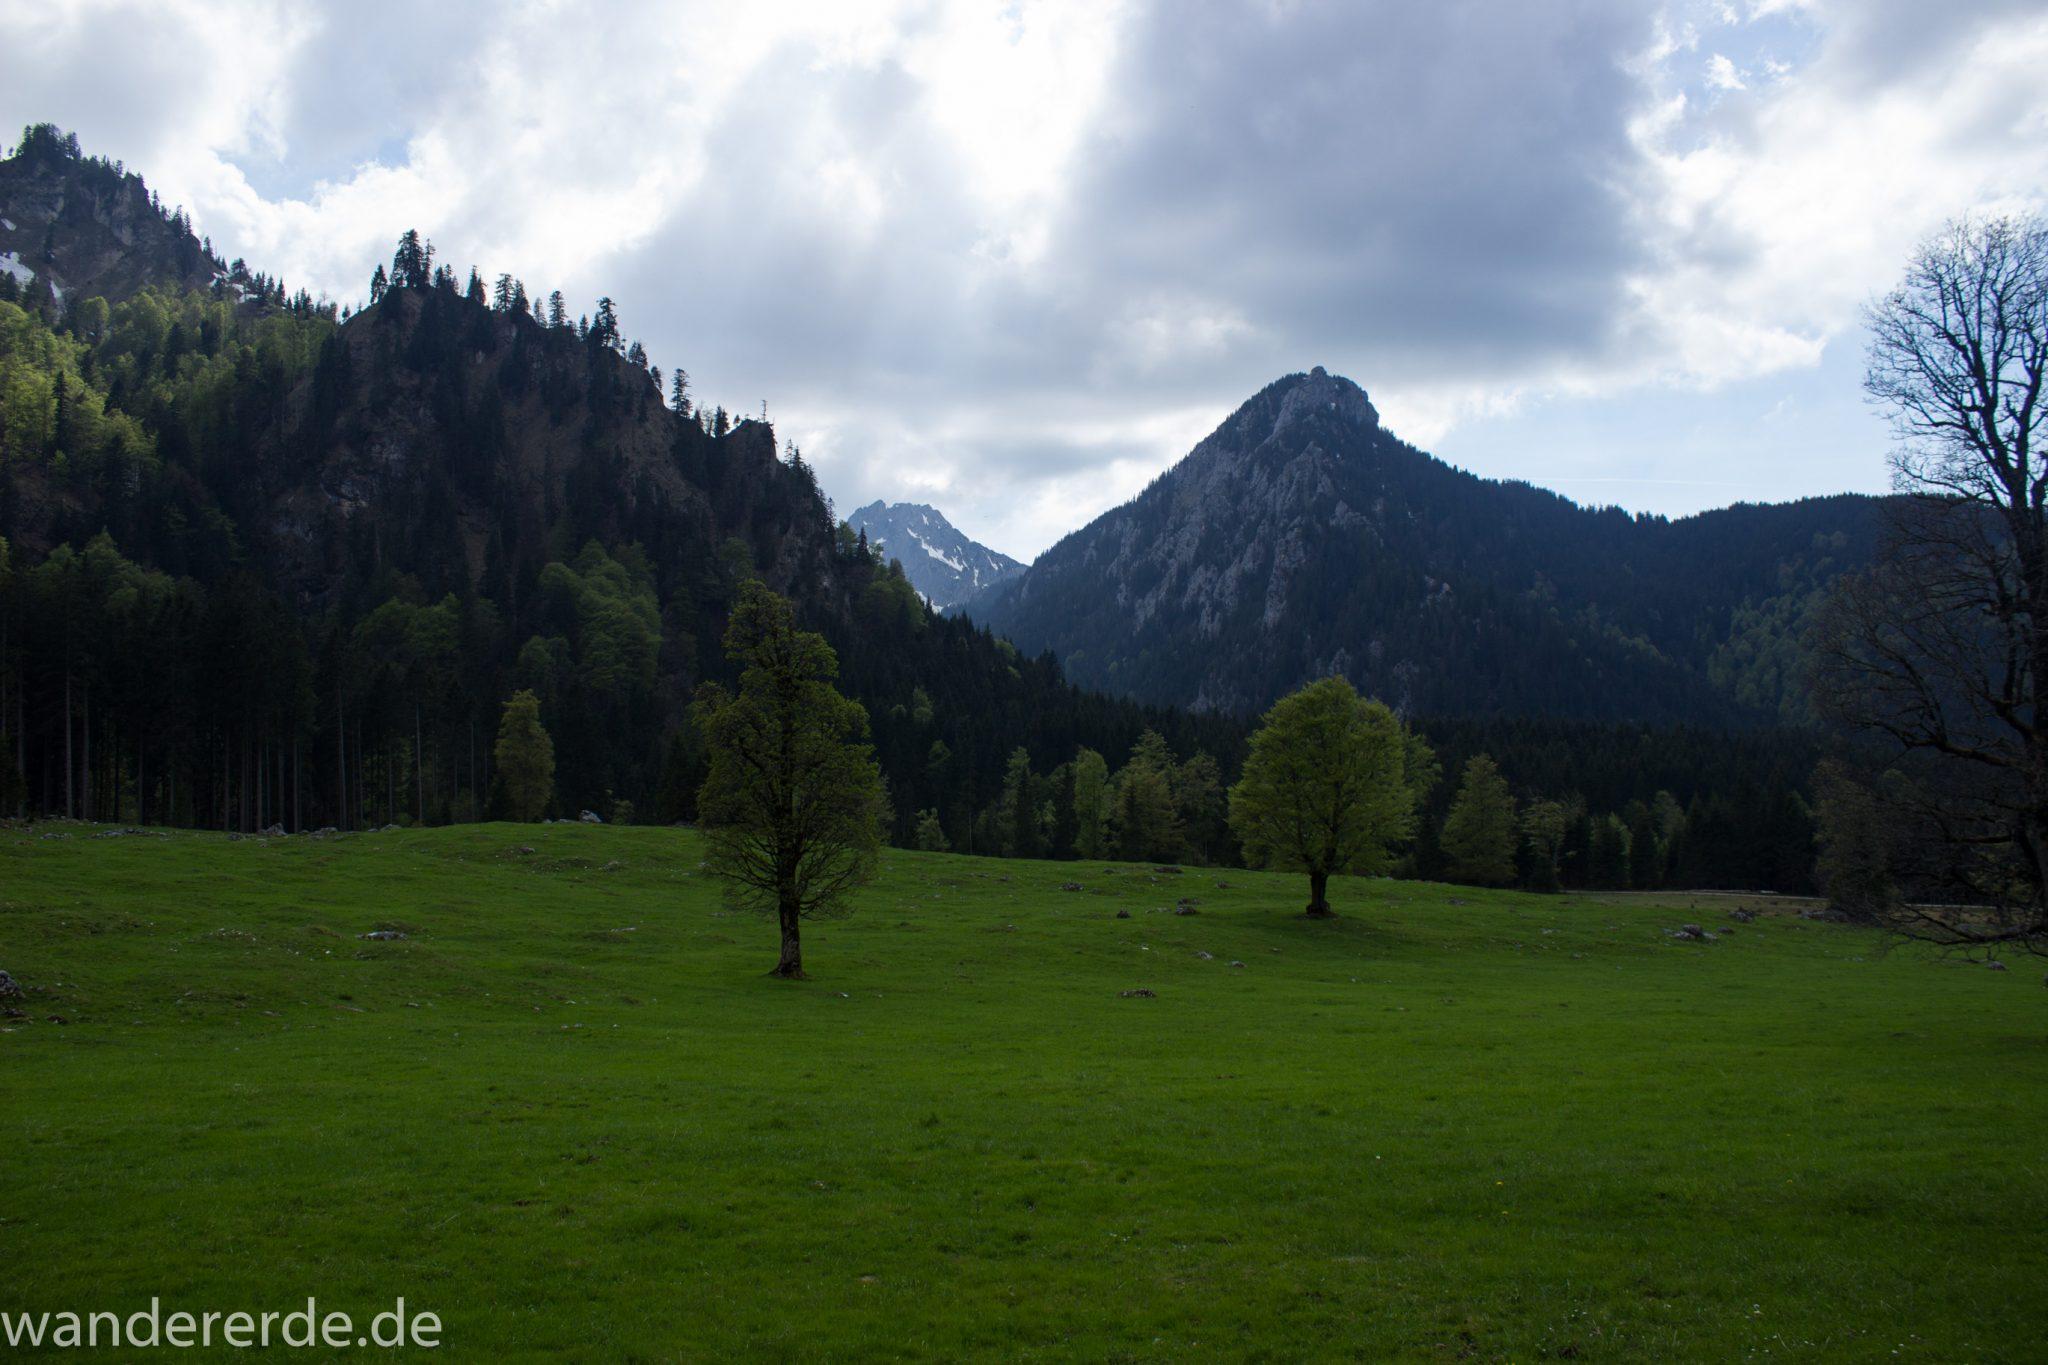 Wanderung zur Kenzenhütte in den Ammergauer Alpen, Aussicht auf die teils schneebedeckten Berge, Frühjahr in den bayerischen Alpen, Wanderweg führt entlang dichtem grünen Wald und saftigen Wiesen